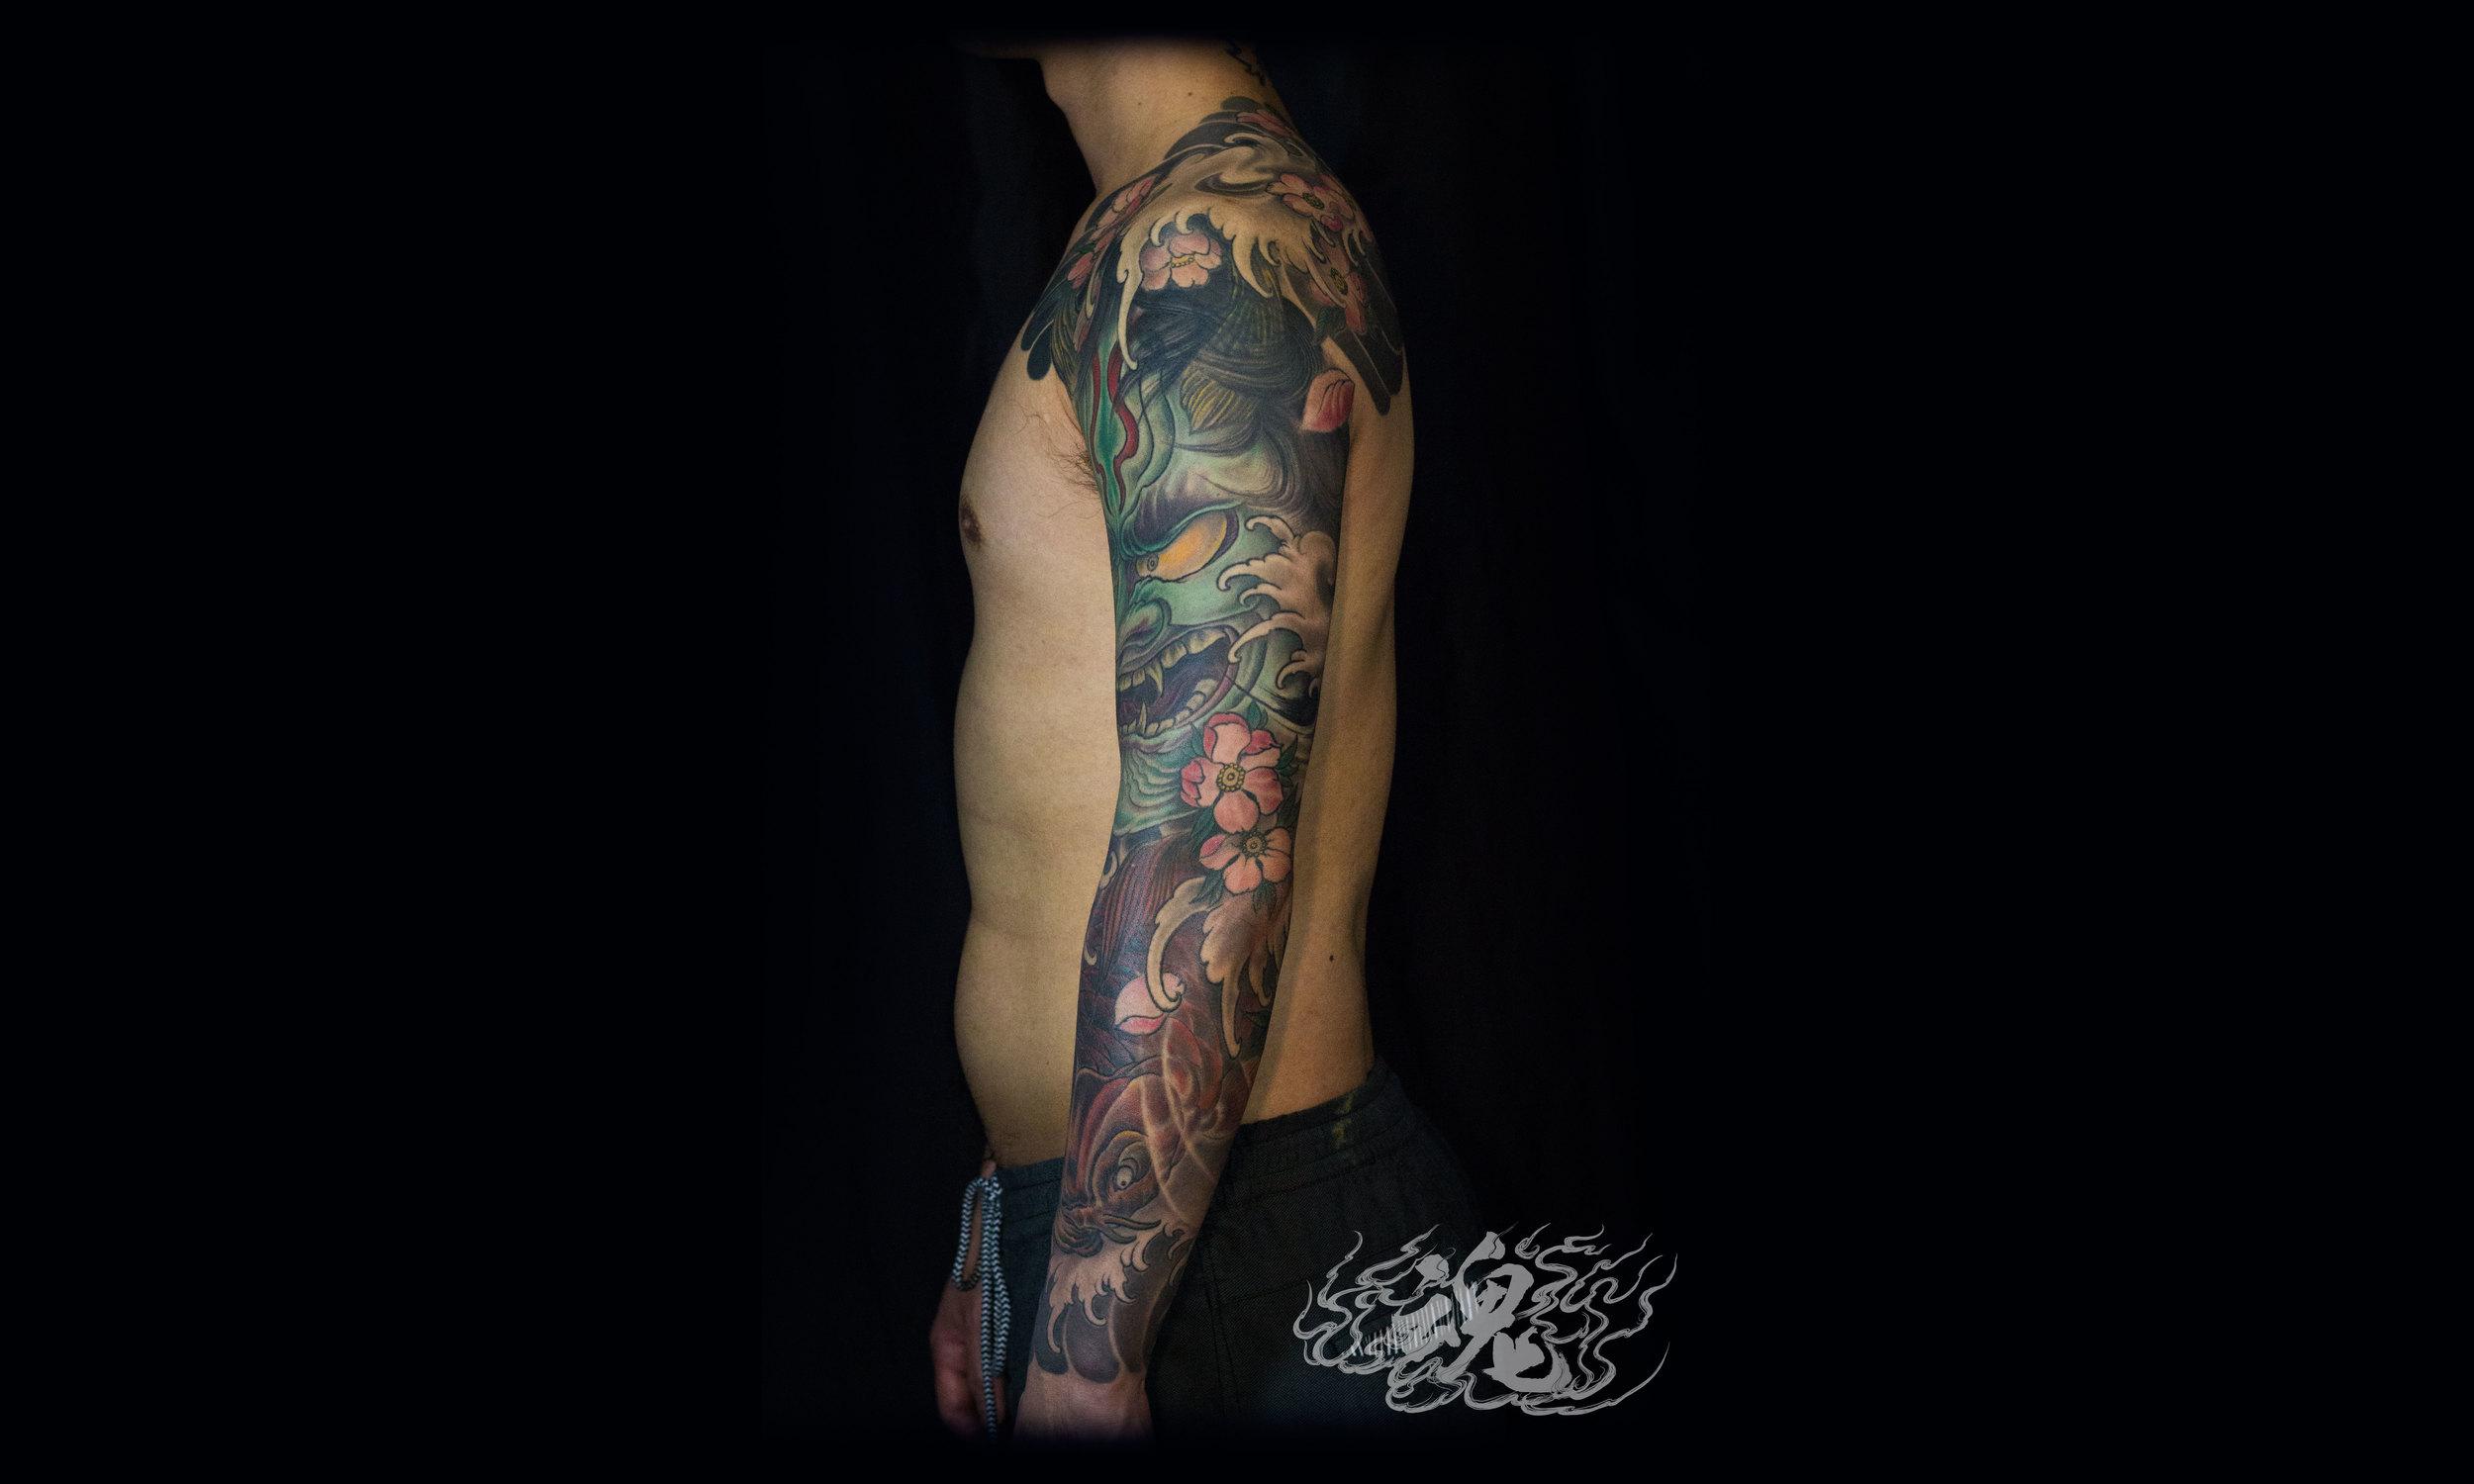 Vagrant_Souls_Hannya_with_Koi_Brooklyn_Tattoo.jpg